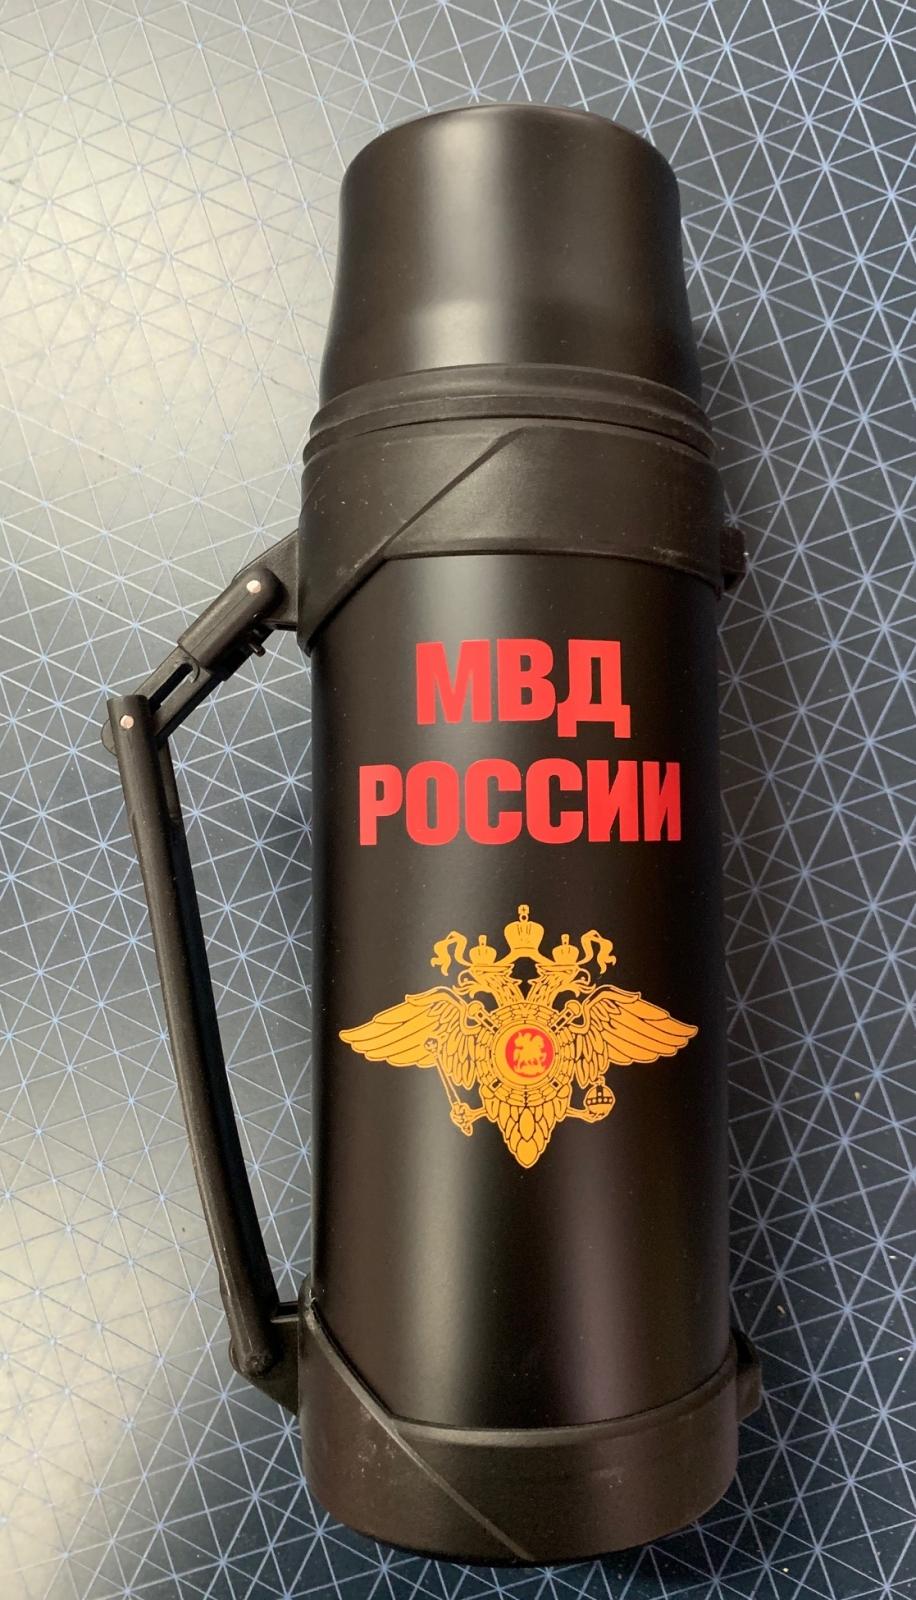 Термос МВД России